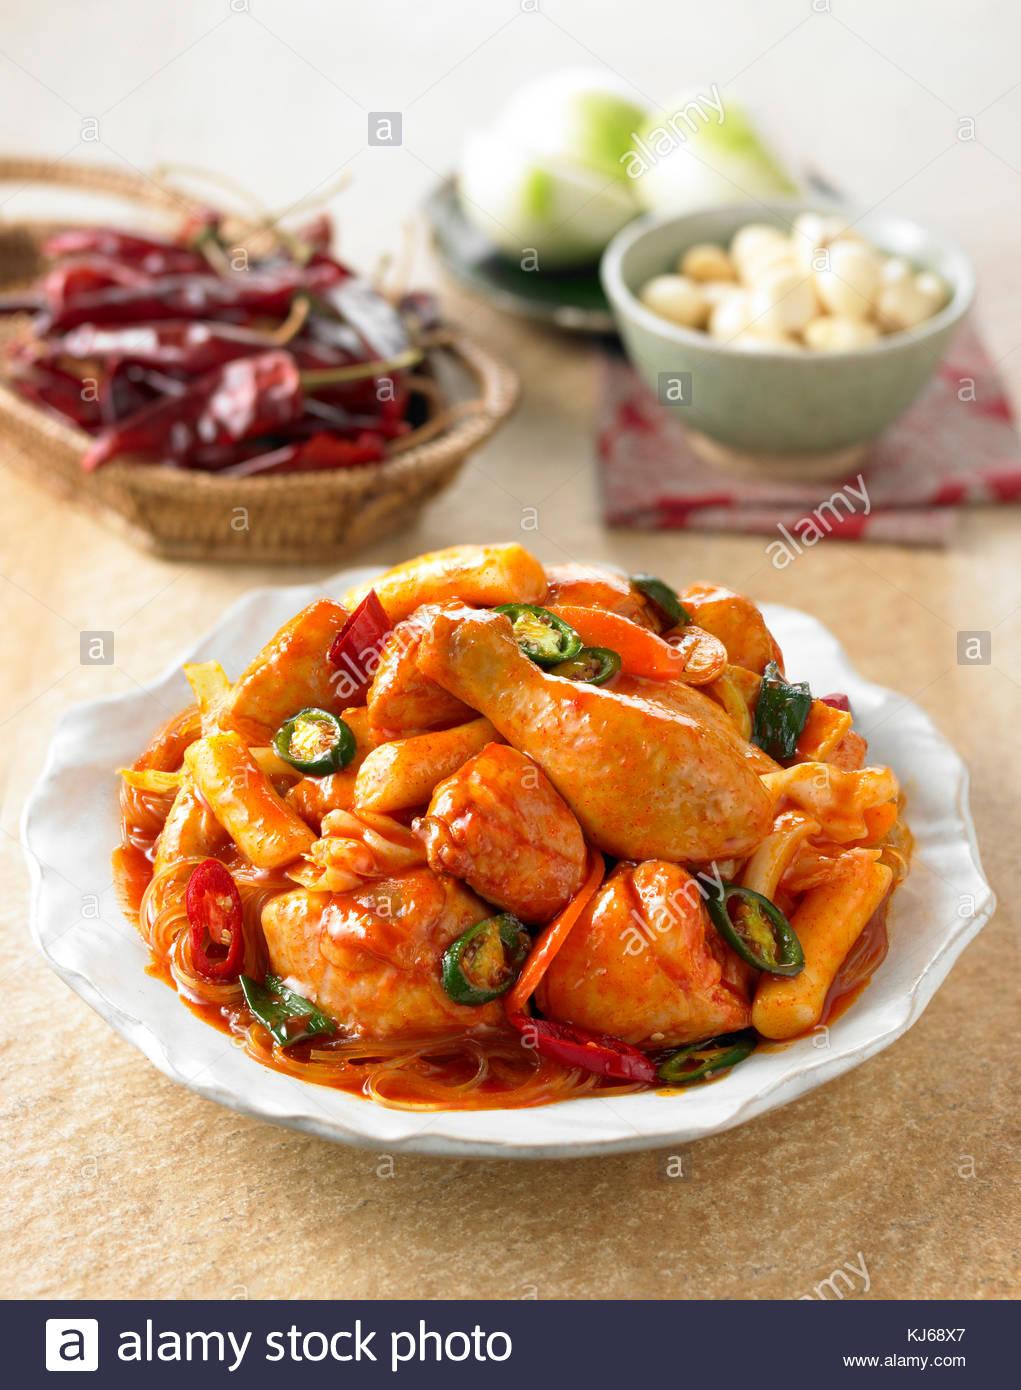 Fusion food de poulet poulet rôti Photo Stock